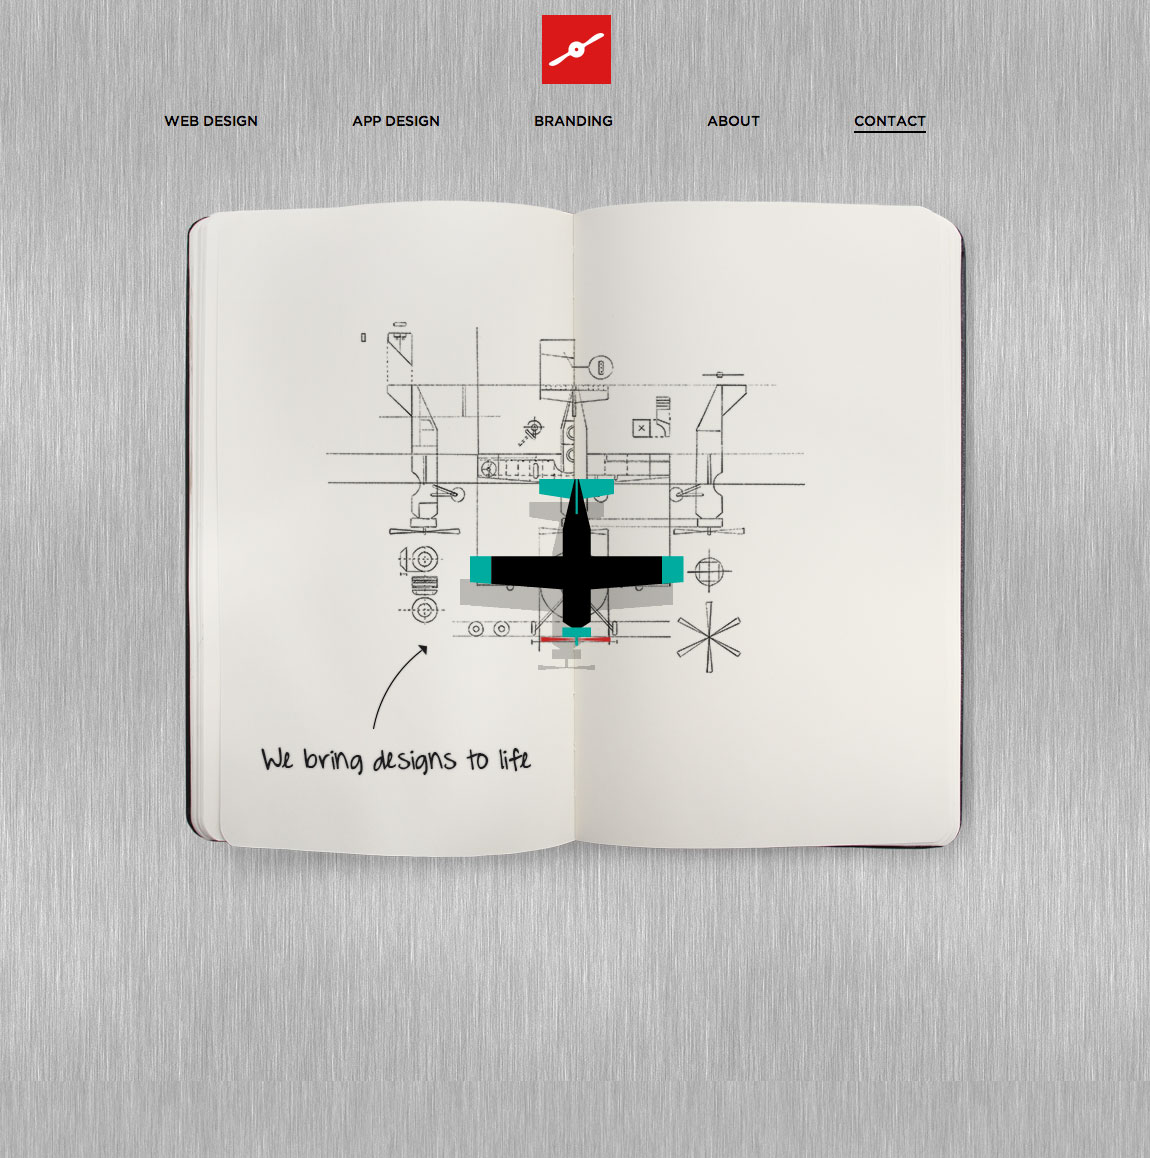 Fluger Design Website Screenshot